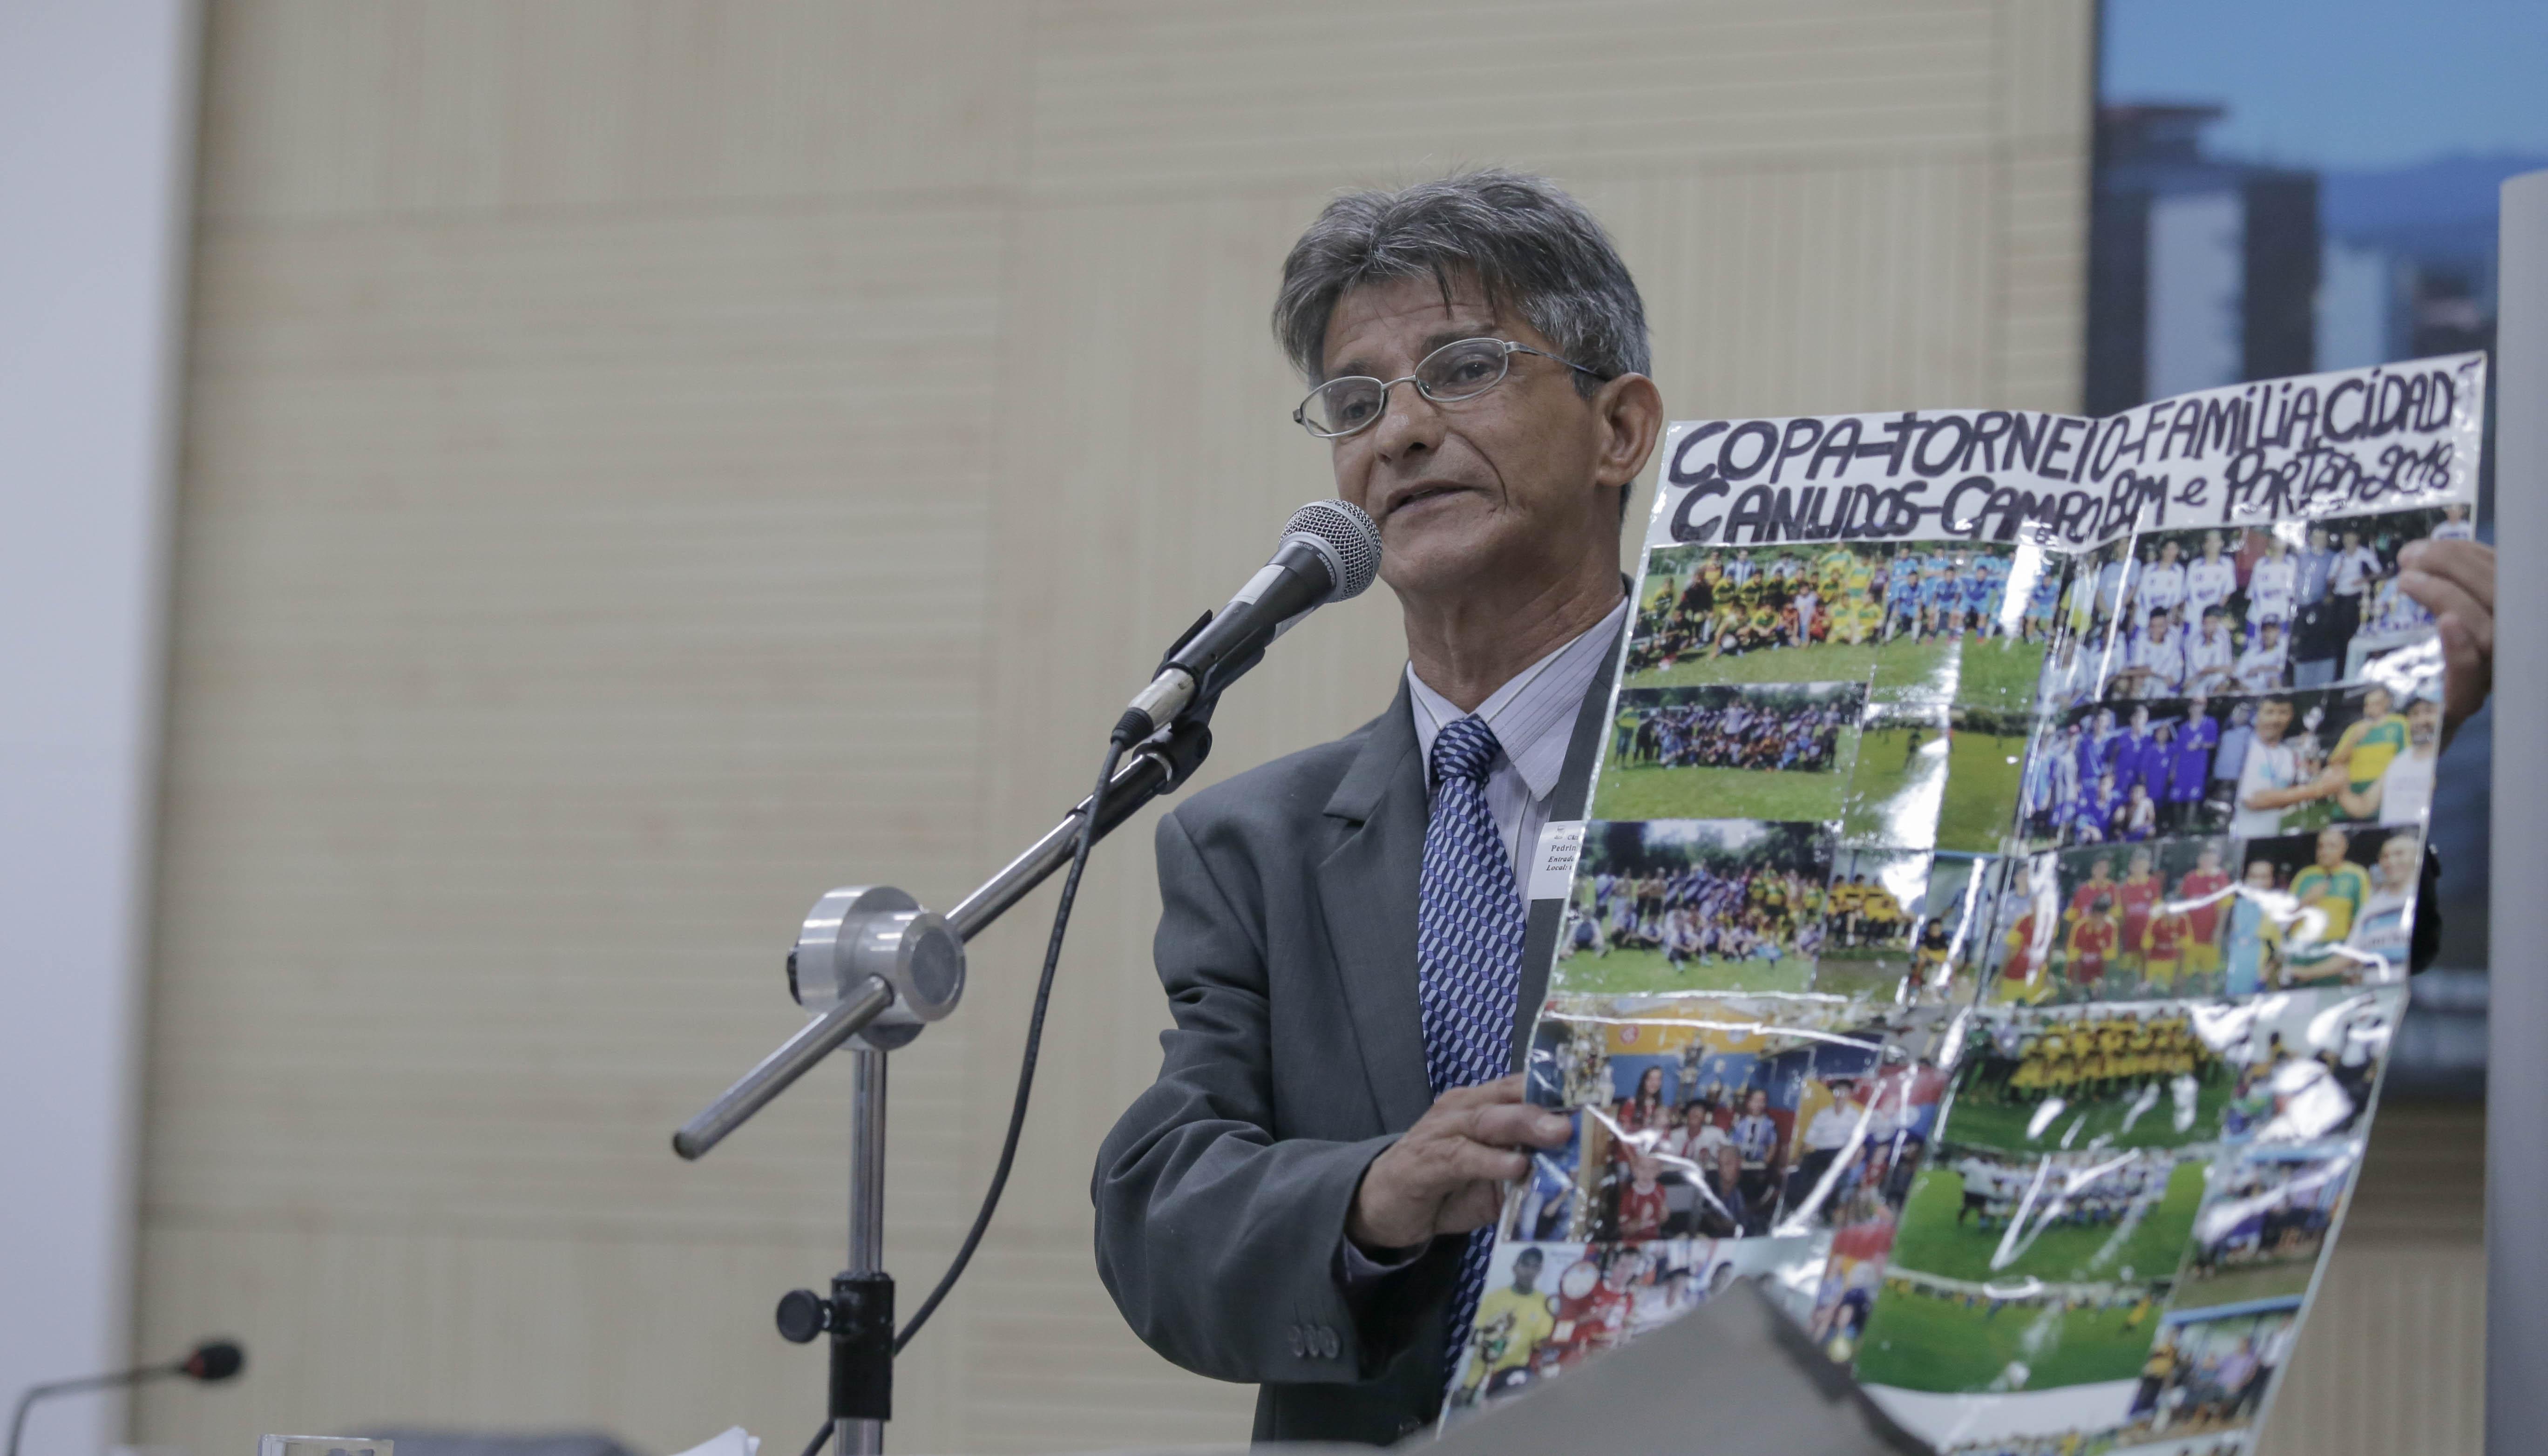 Líder comunitário defende abertura de rua no bairro Canudos